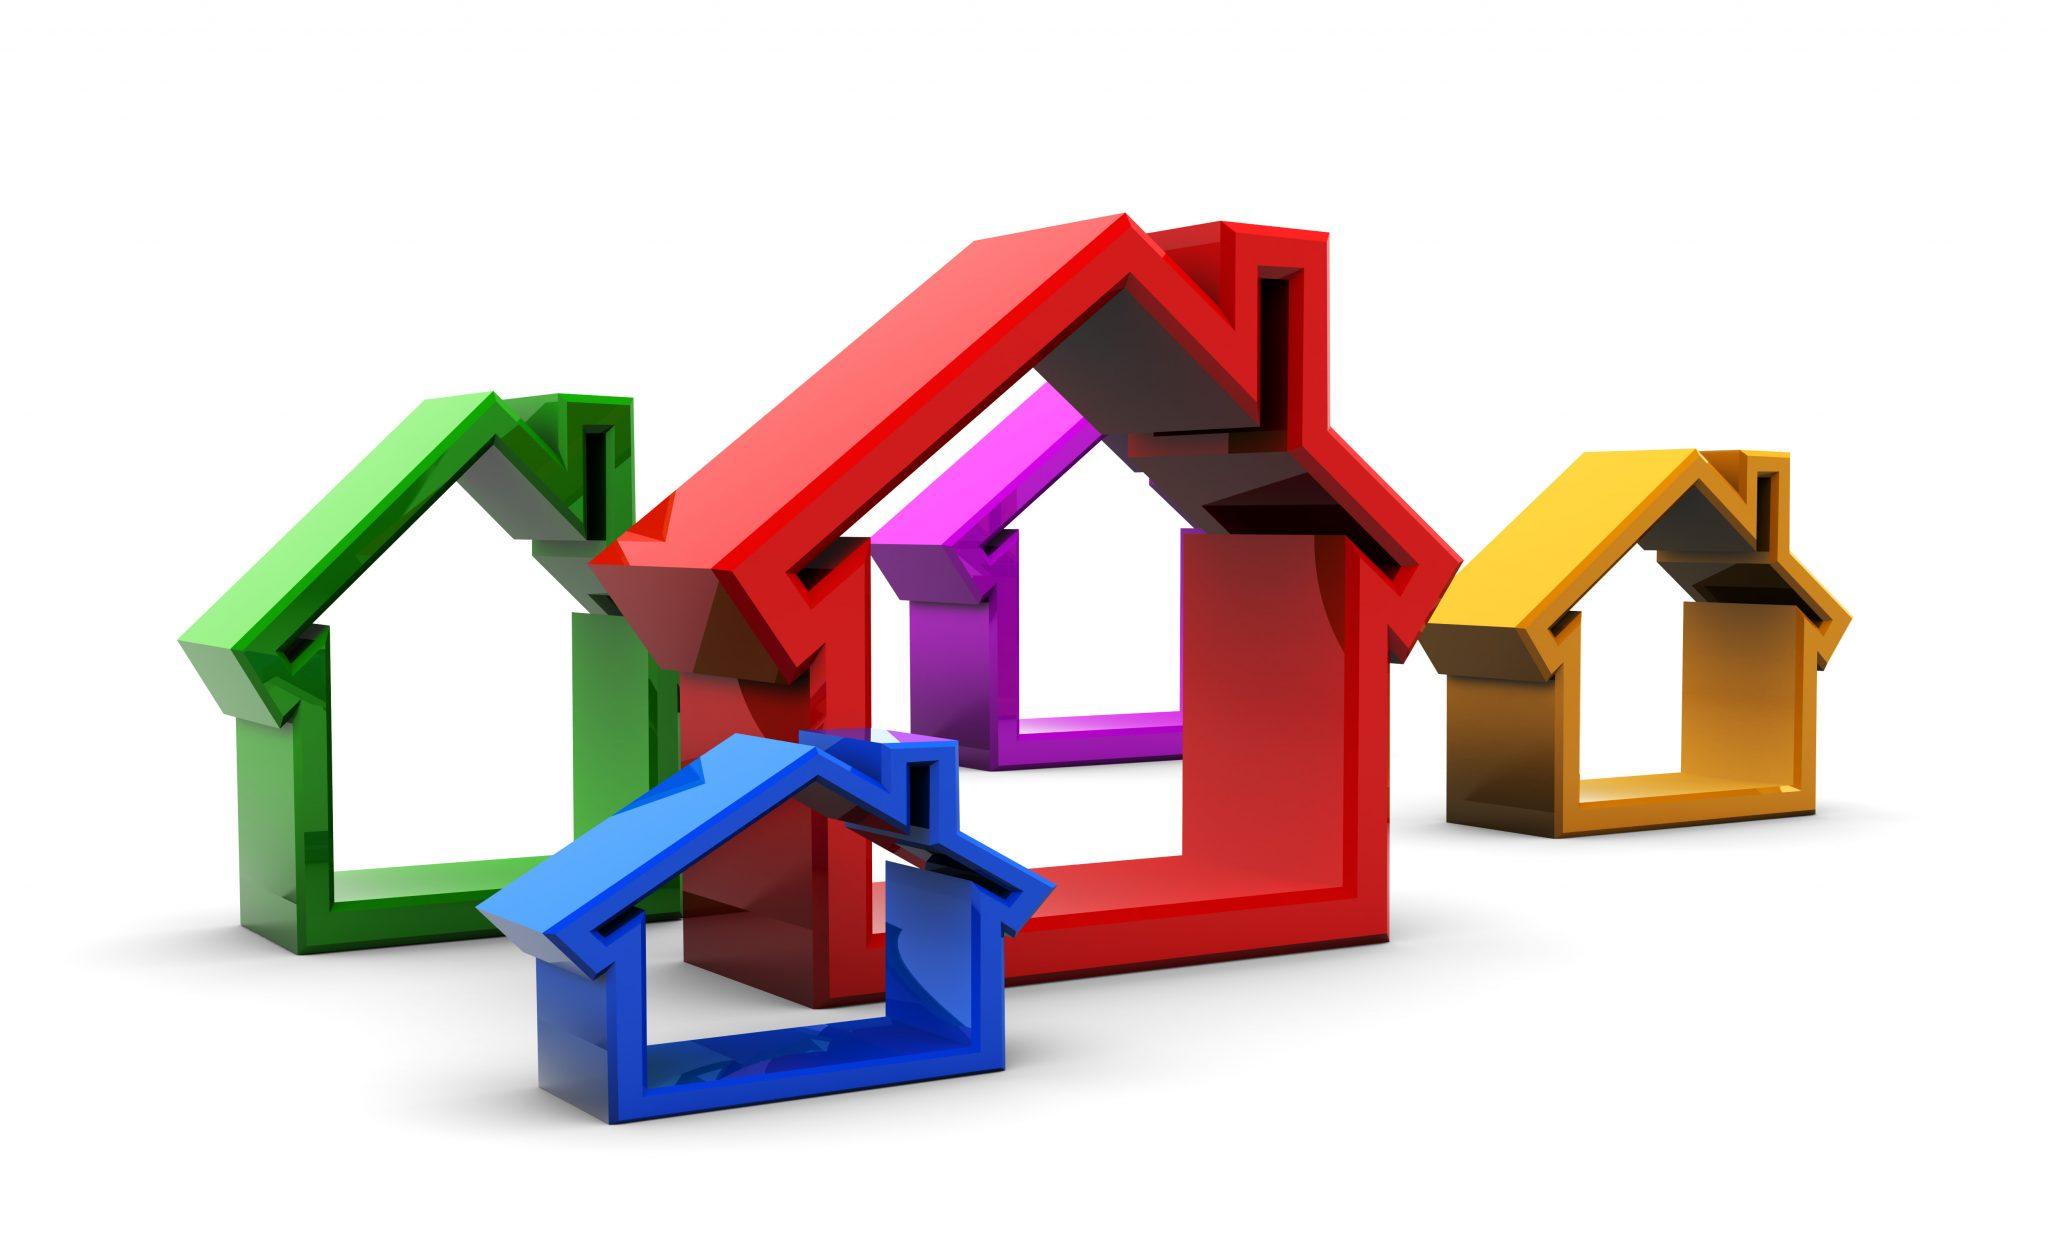 Бизнес идеи дом судоку как заработать деньги новые бизнес идеи